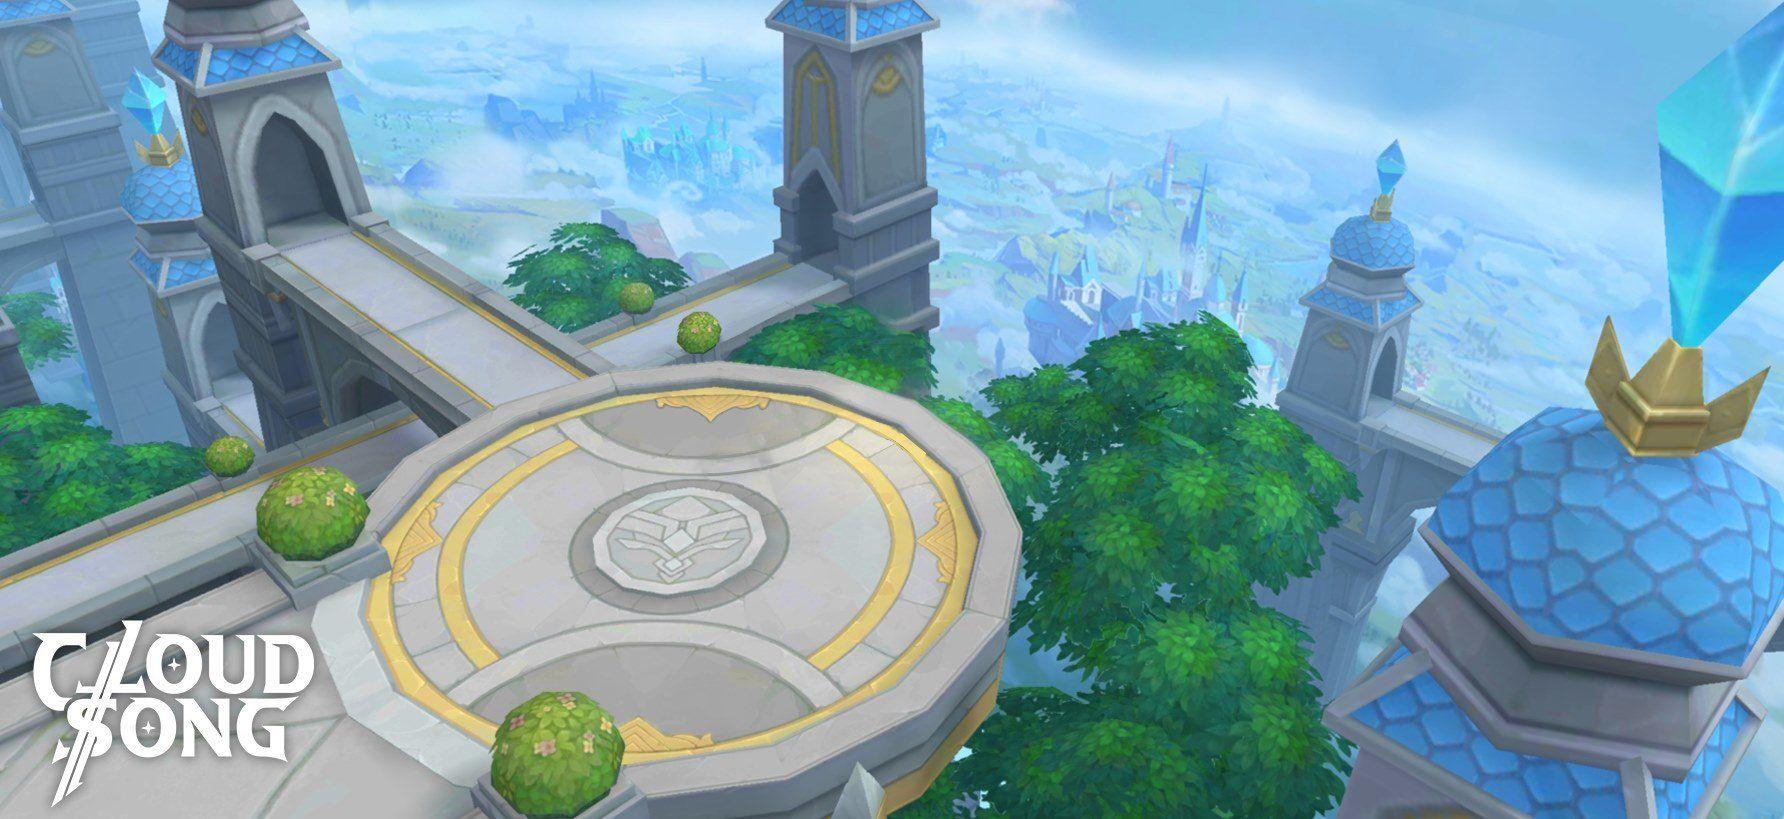 Semua Hal yang Perlu Kalian Ketahui Tentang Cloud Song – MMORPG Mobile Terbaru!